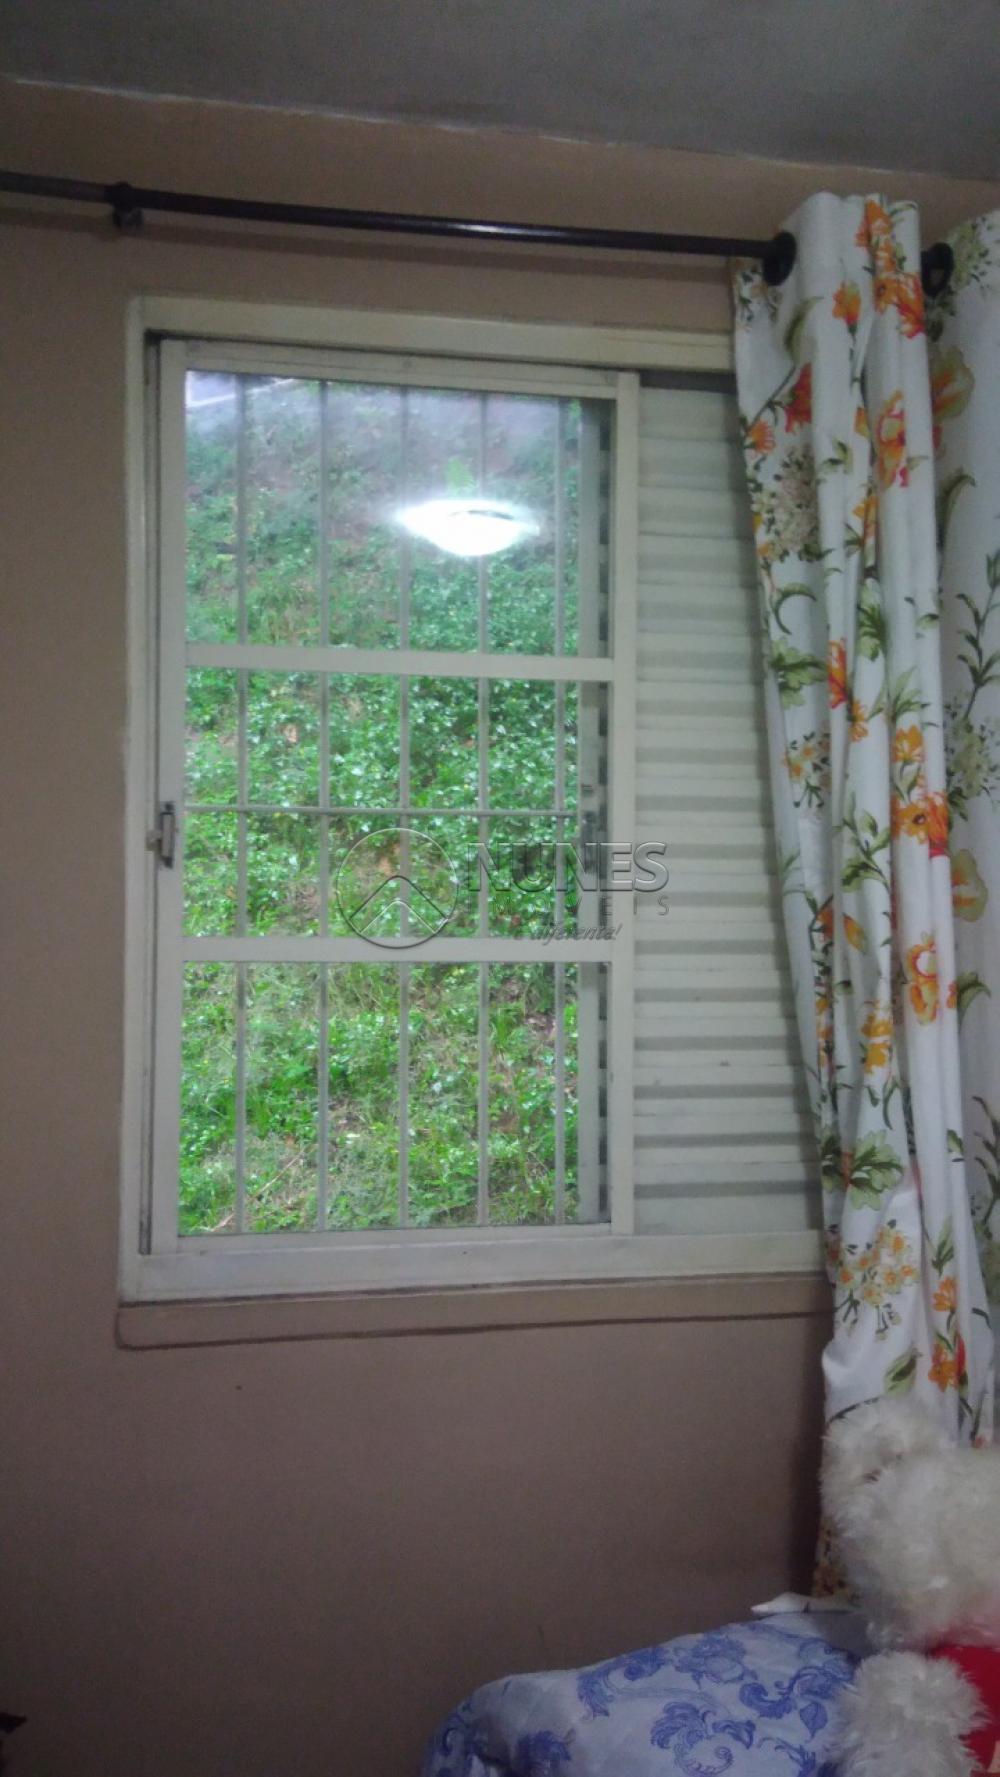 Comprar Apartamento / Padrão em Osasco apenas R$ 170.000,00 - Foto 7